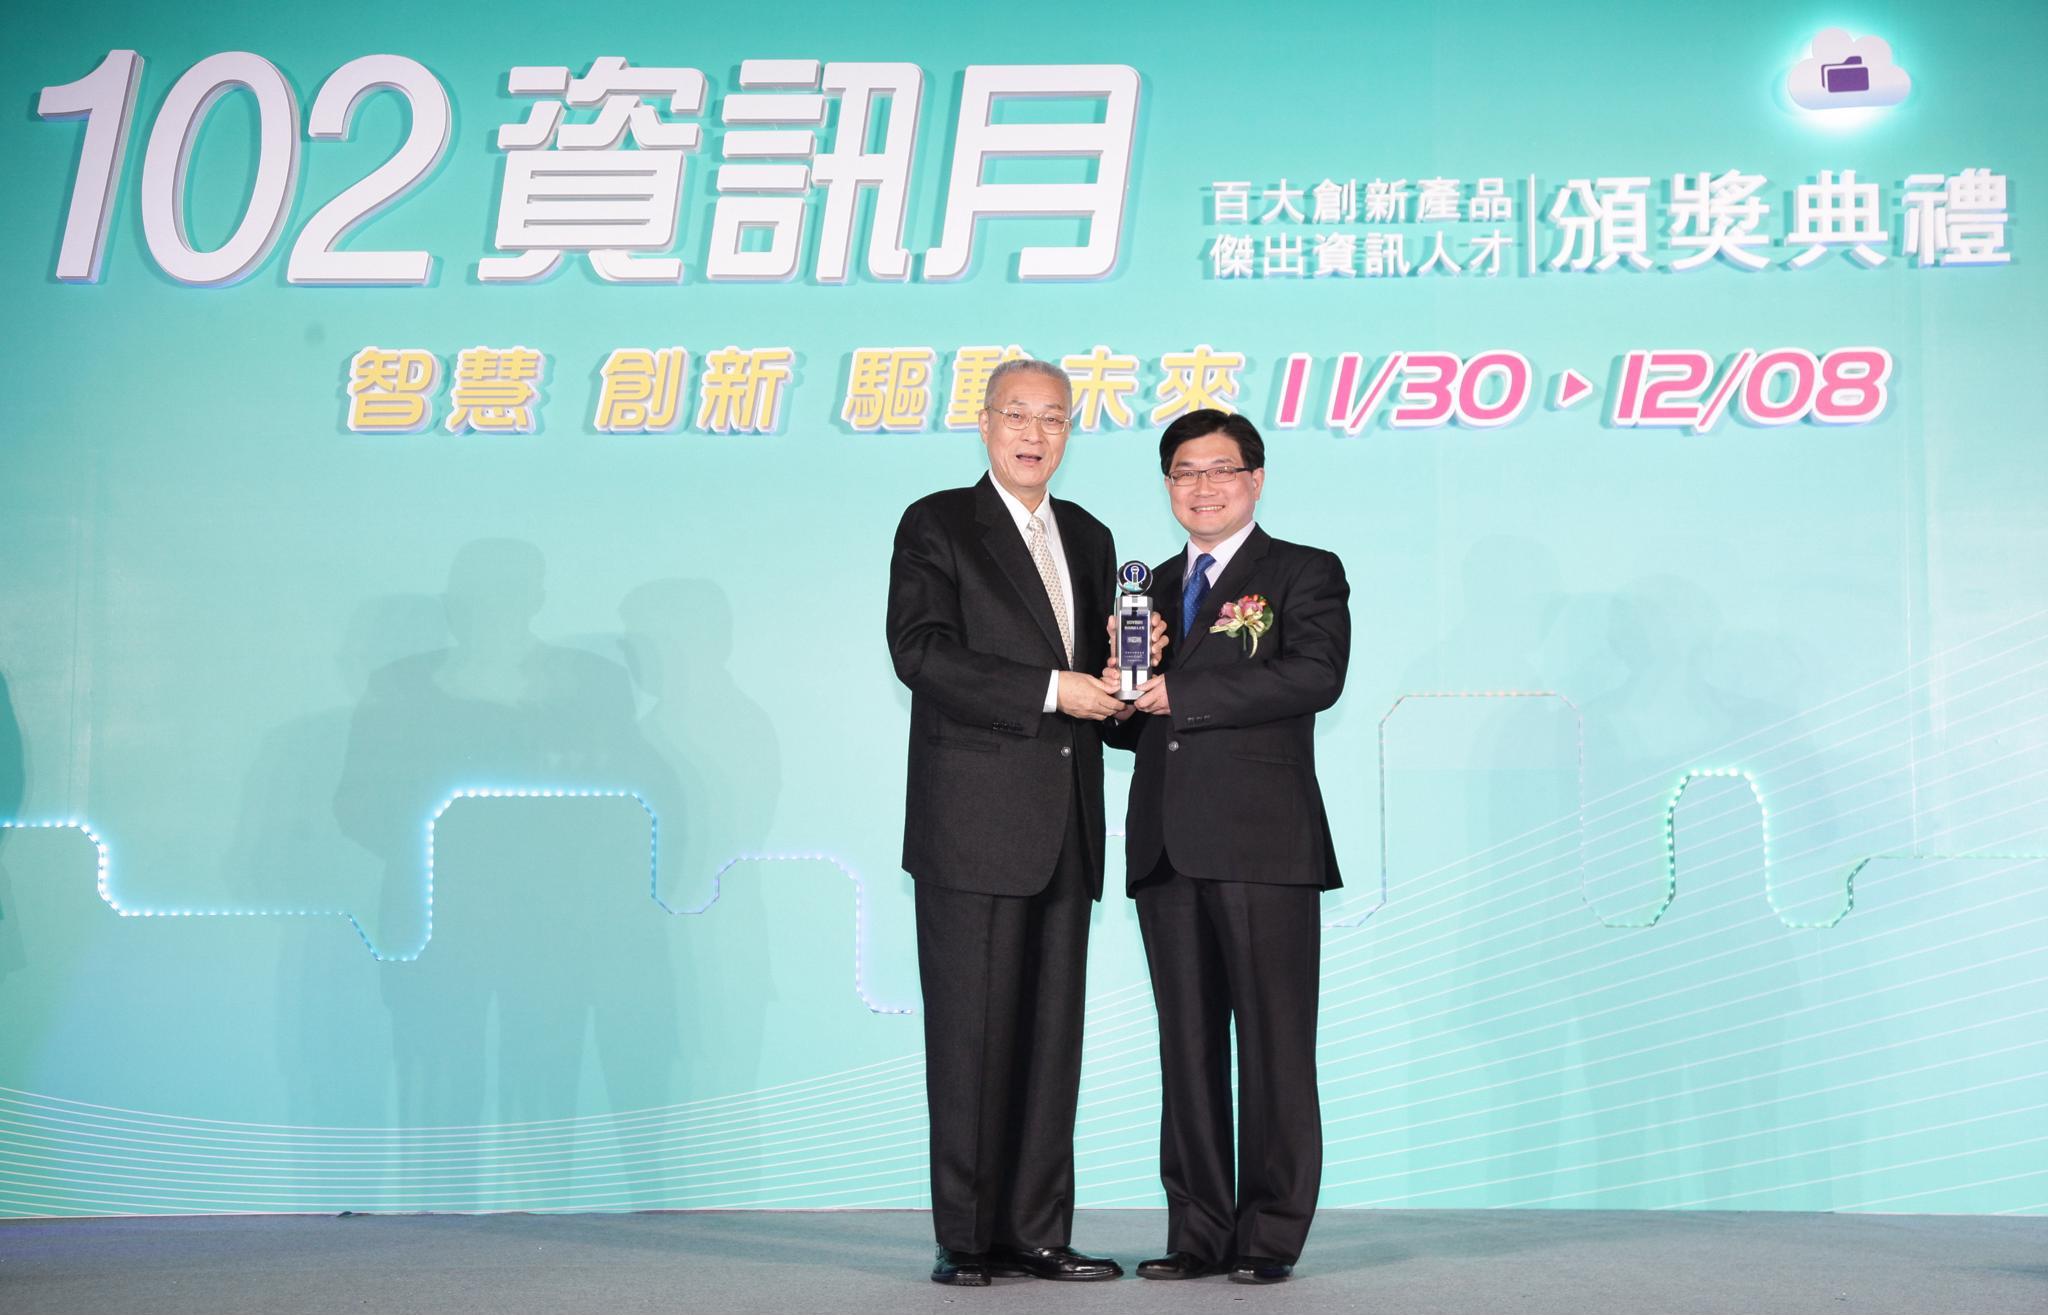 賀!資管系吳肇銘教授榮獲「傑出資訊人才獎」及「百大MVP經理人」雙獎項!